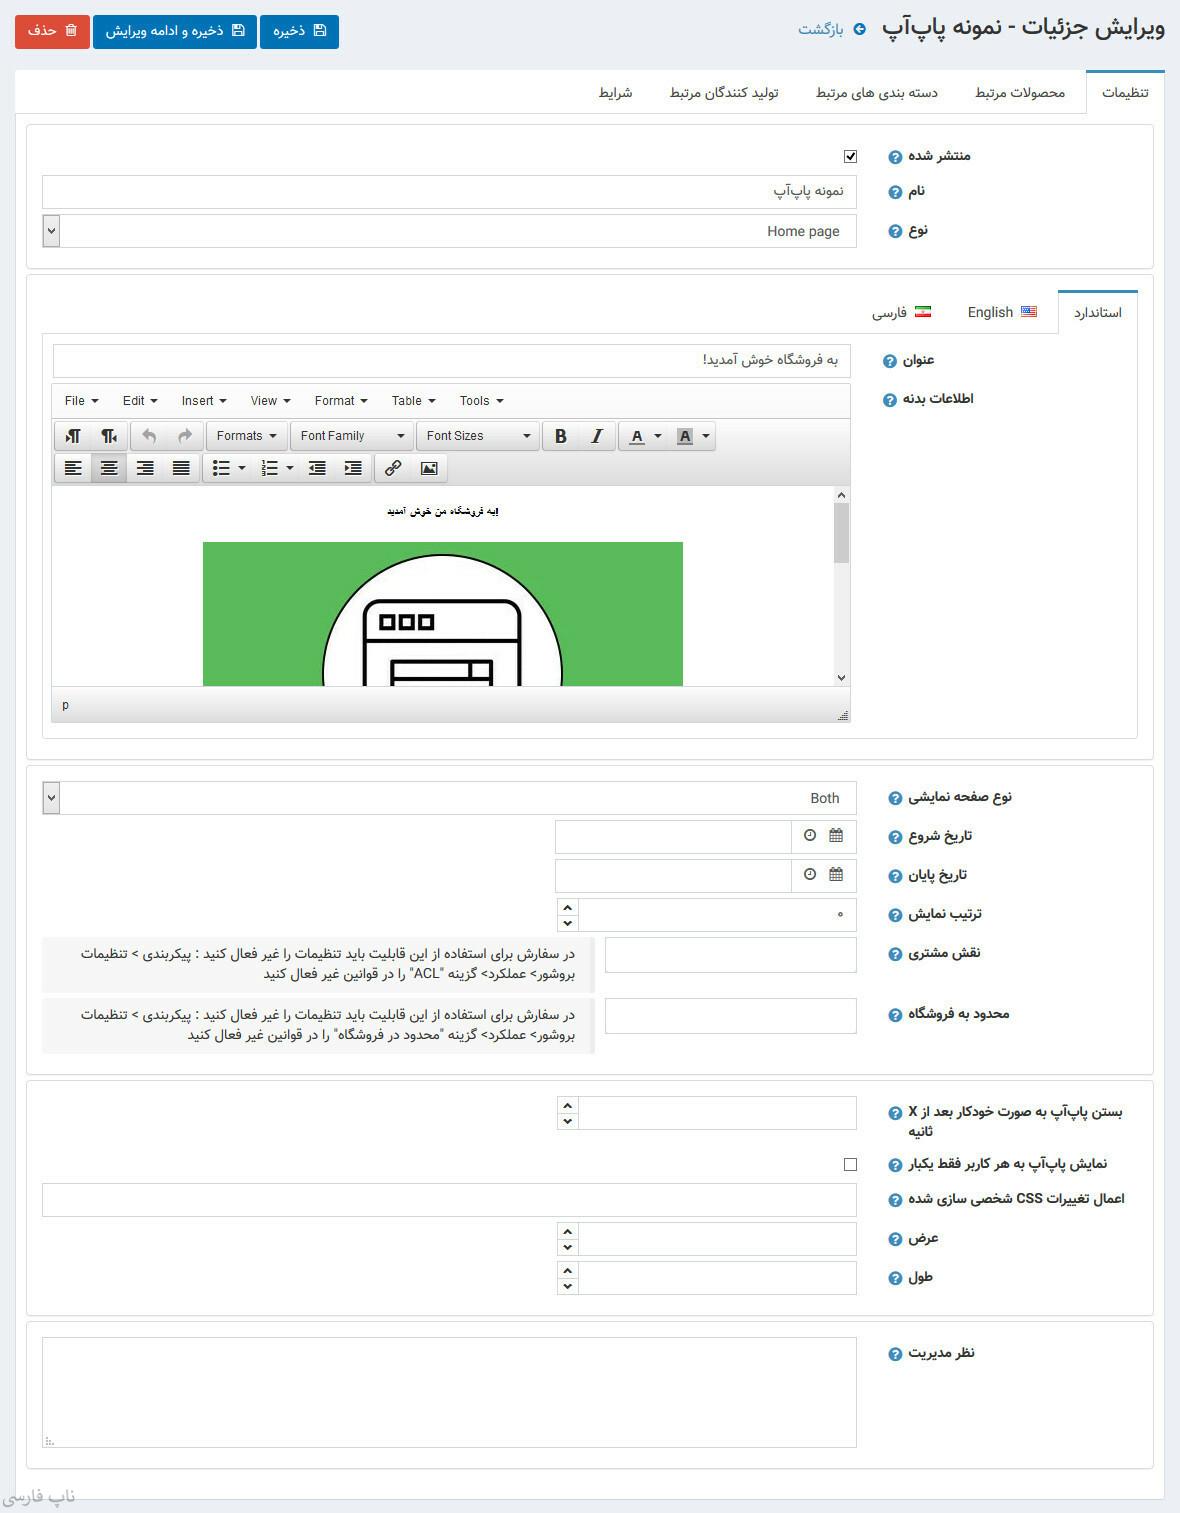 افزونه ایجاد و مدیریت صفحات پاپآپ - تنظیمات